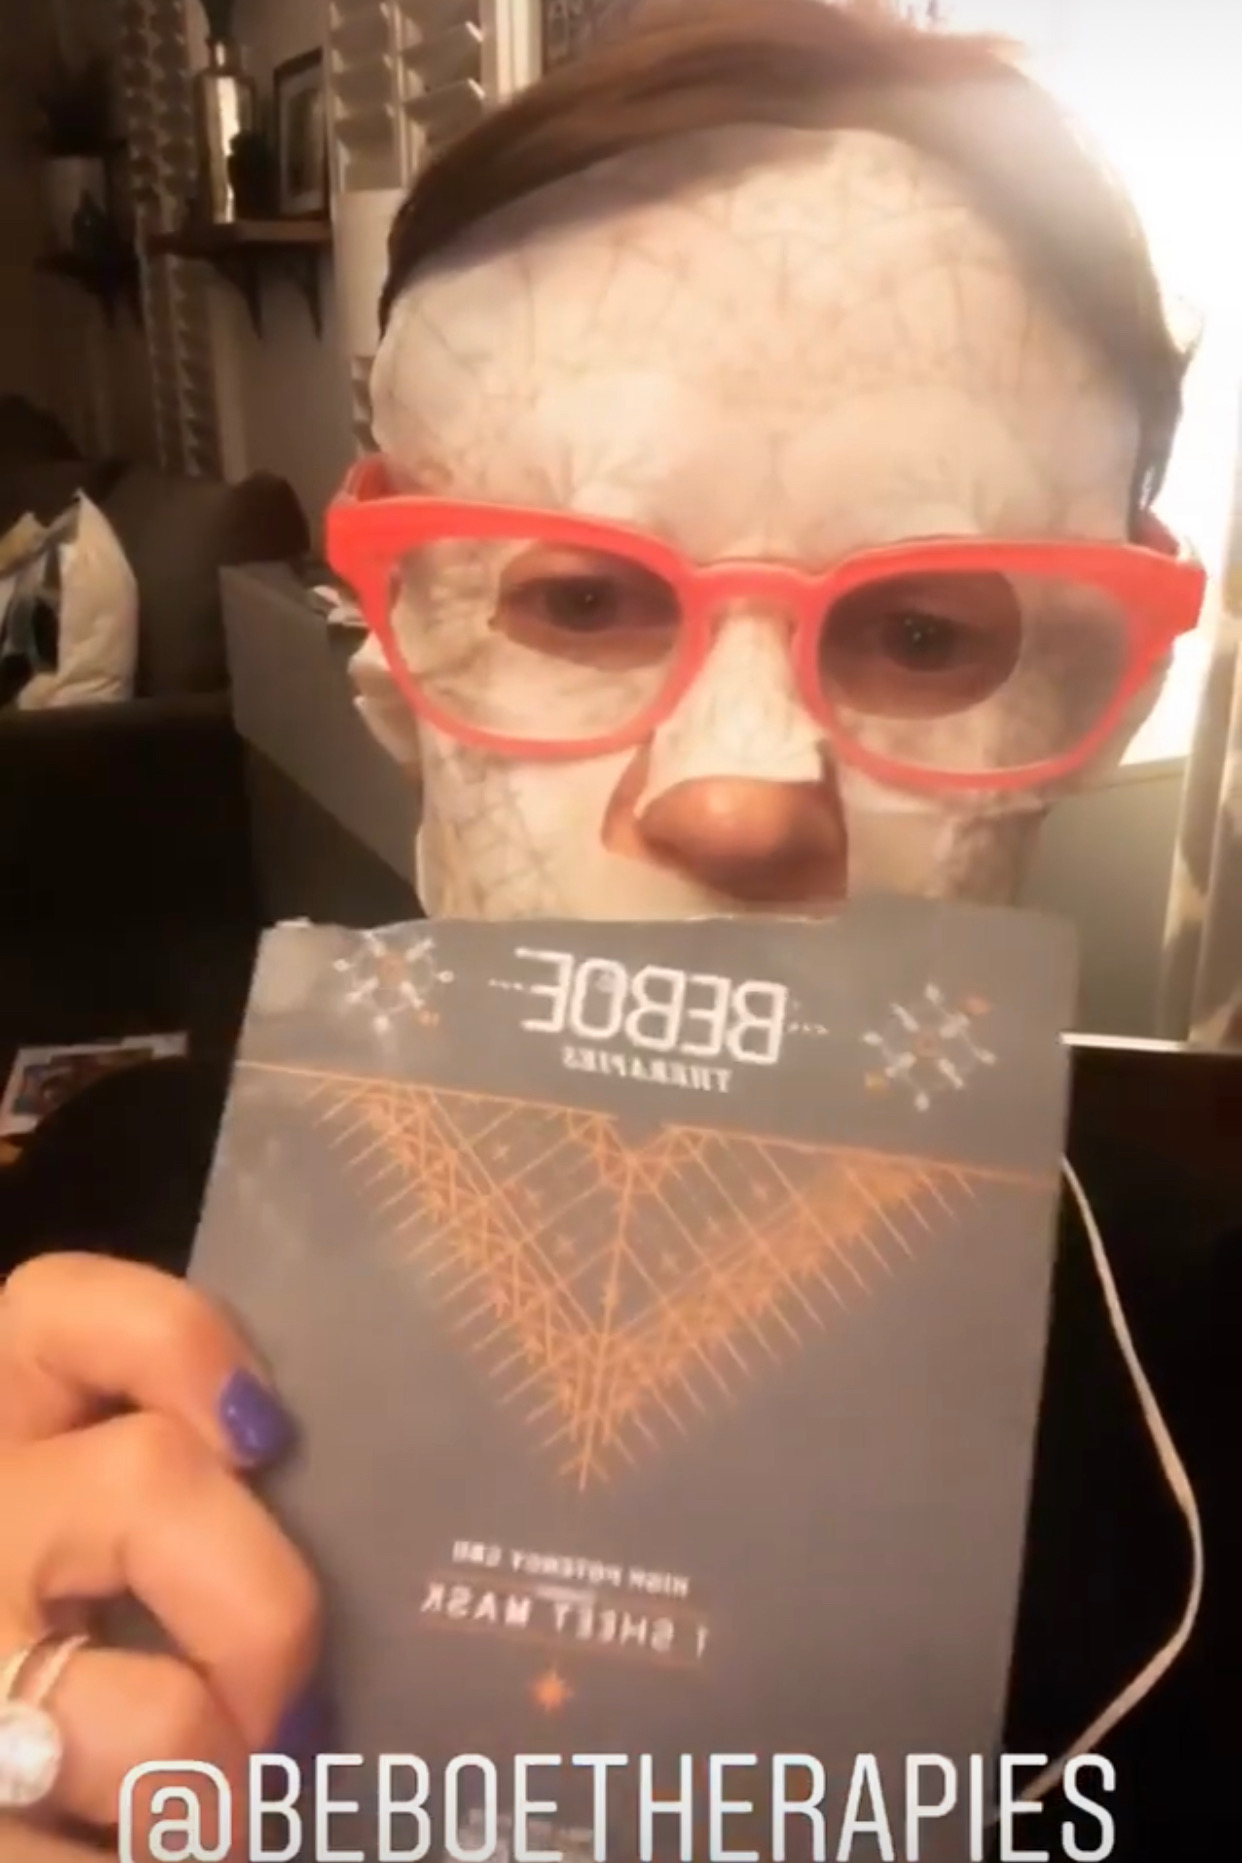 I tried Beboe's unreleased masks ;)